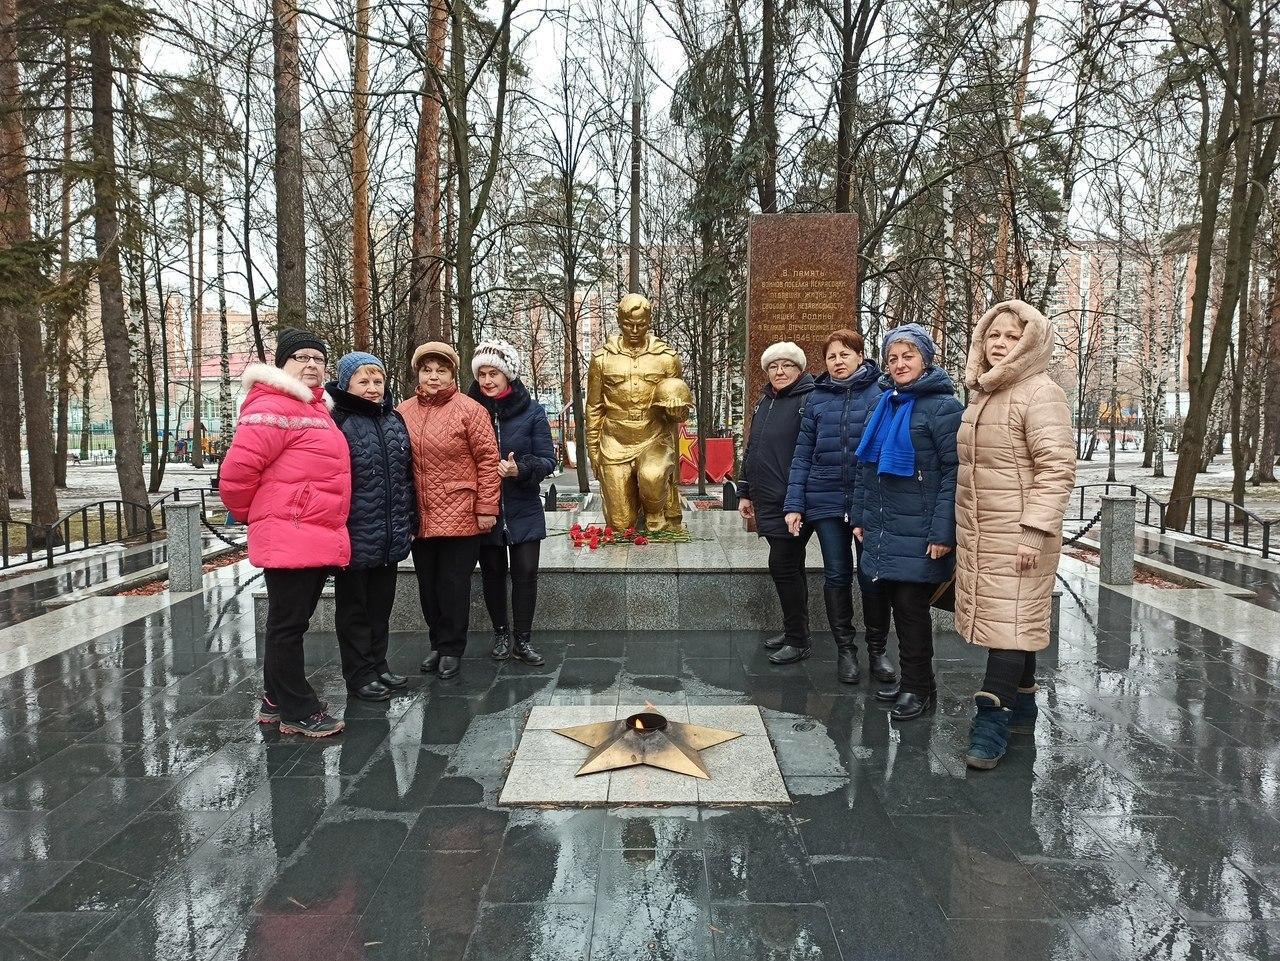 Патронатная акция состоялась в районе Некрасовка в рамках проекта «Московское долголетие»